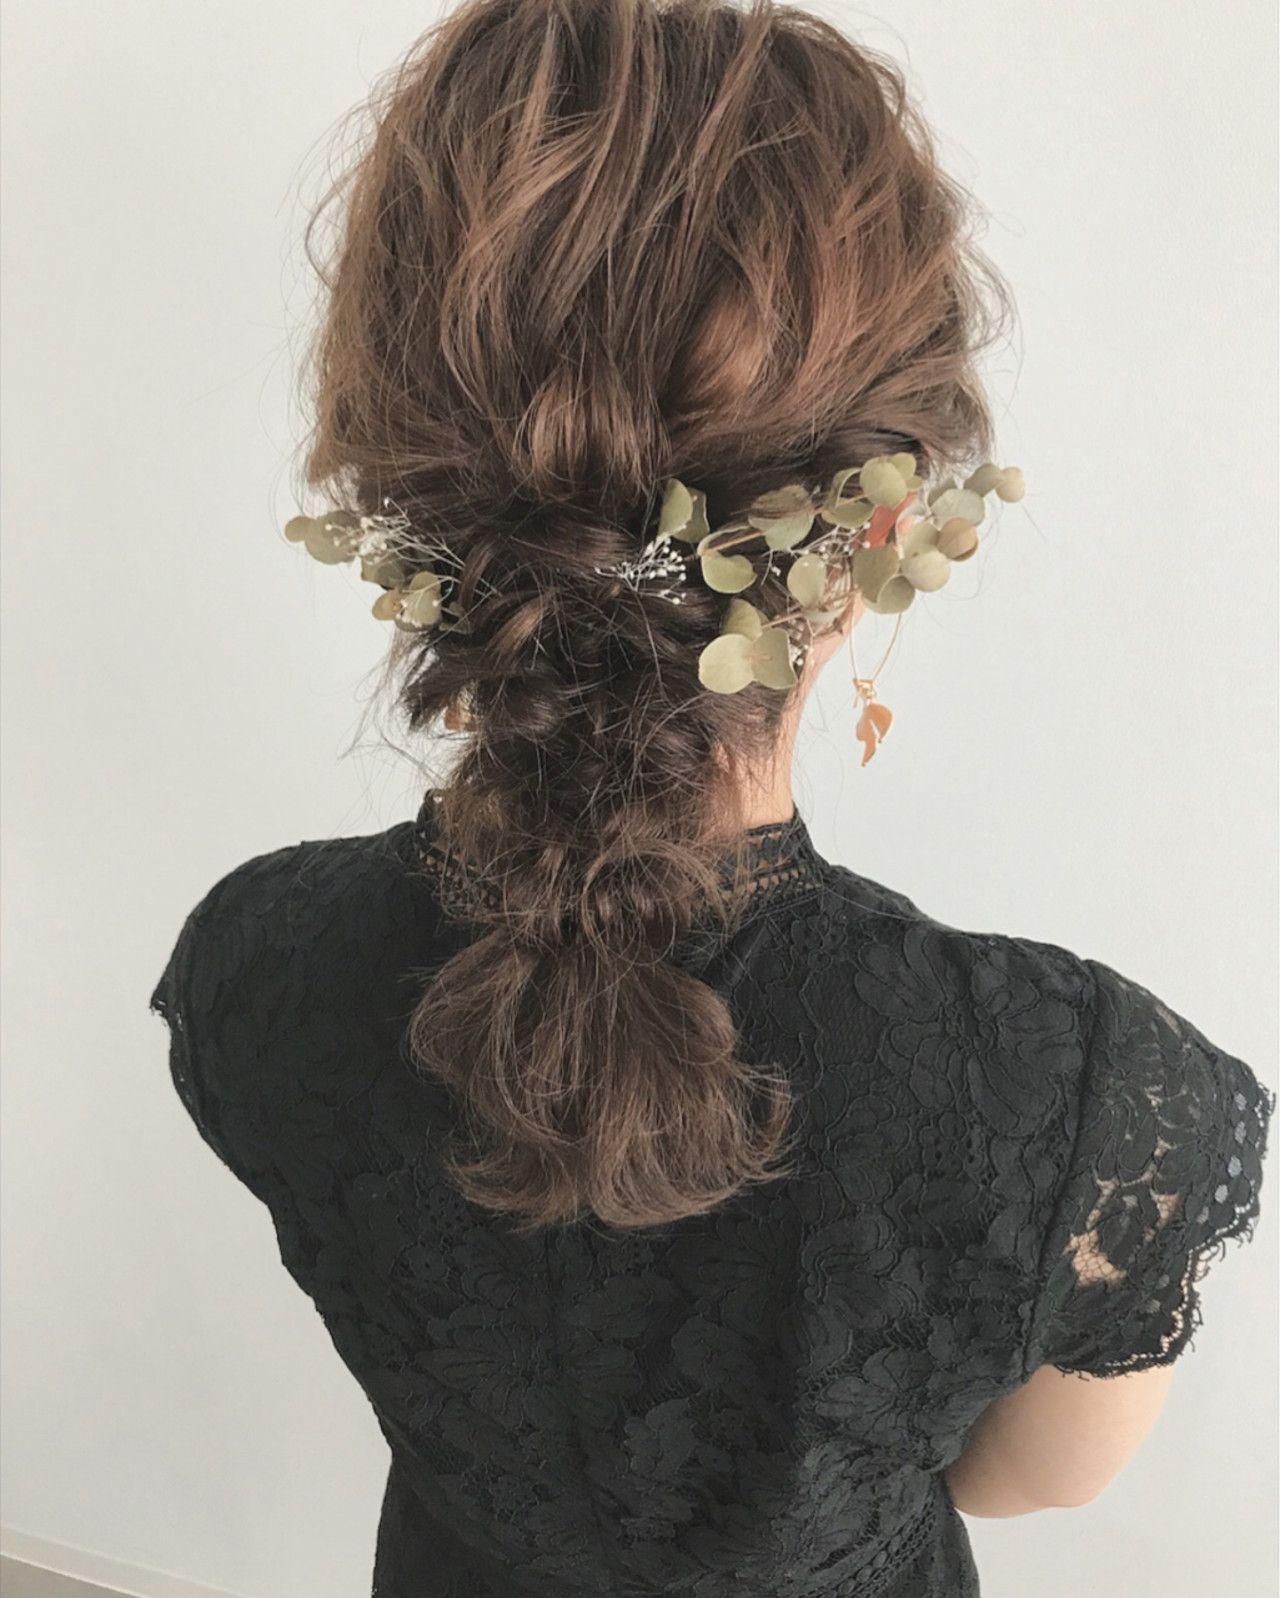 ミディアムヘアが10倍かわいく大変身 垢抜けヘアアレンジ15選 Hair ウェディング ヘアスタイル 結婚式 ヘアスタイル お呼ばれ 花嫁 ヘアスタイル